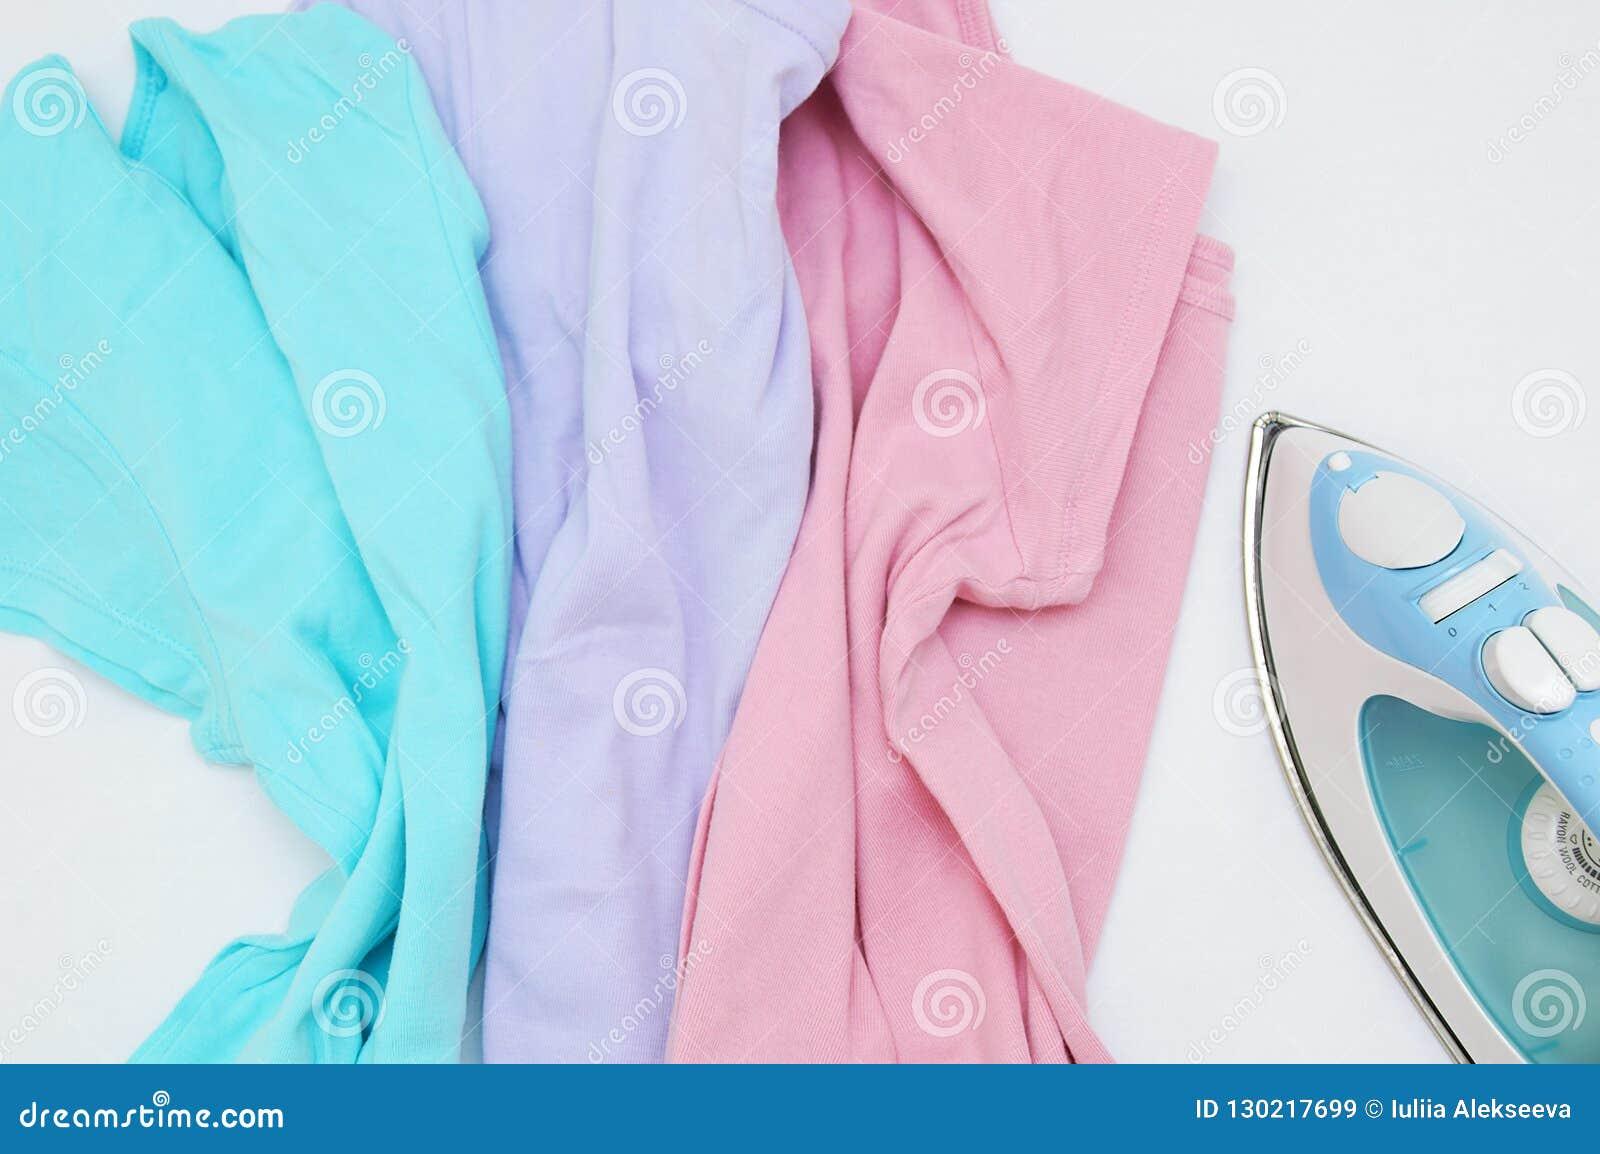 Pieprzni barwiący ubrania i żelazo